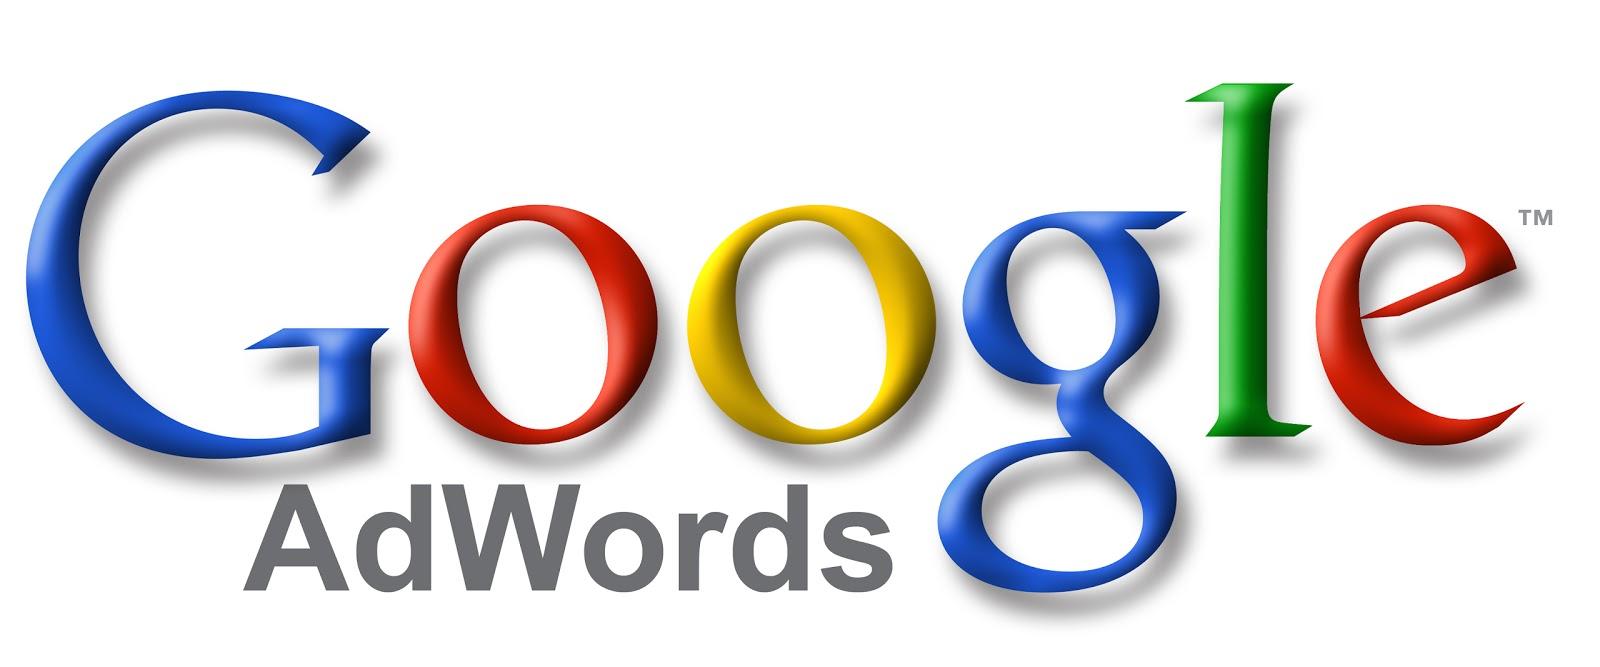 google adwords login page inloggen guide google. Black Bedroom Furniture Sets. Home Design Ideas